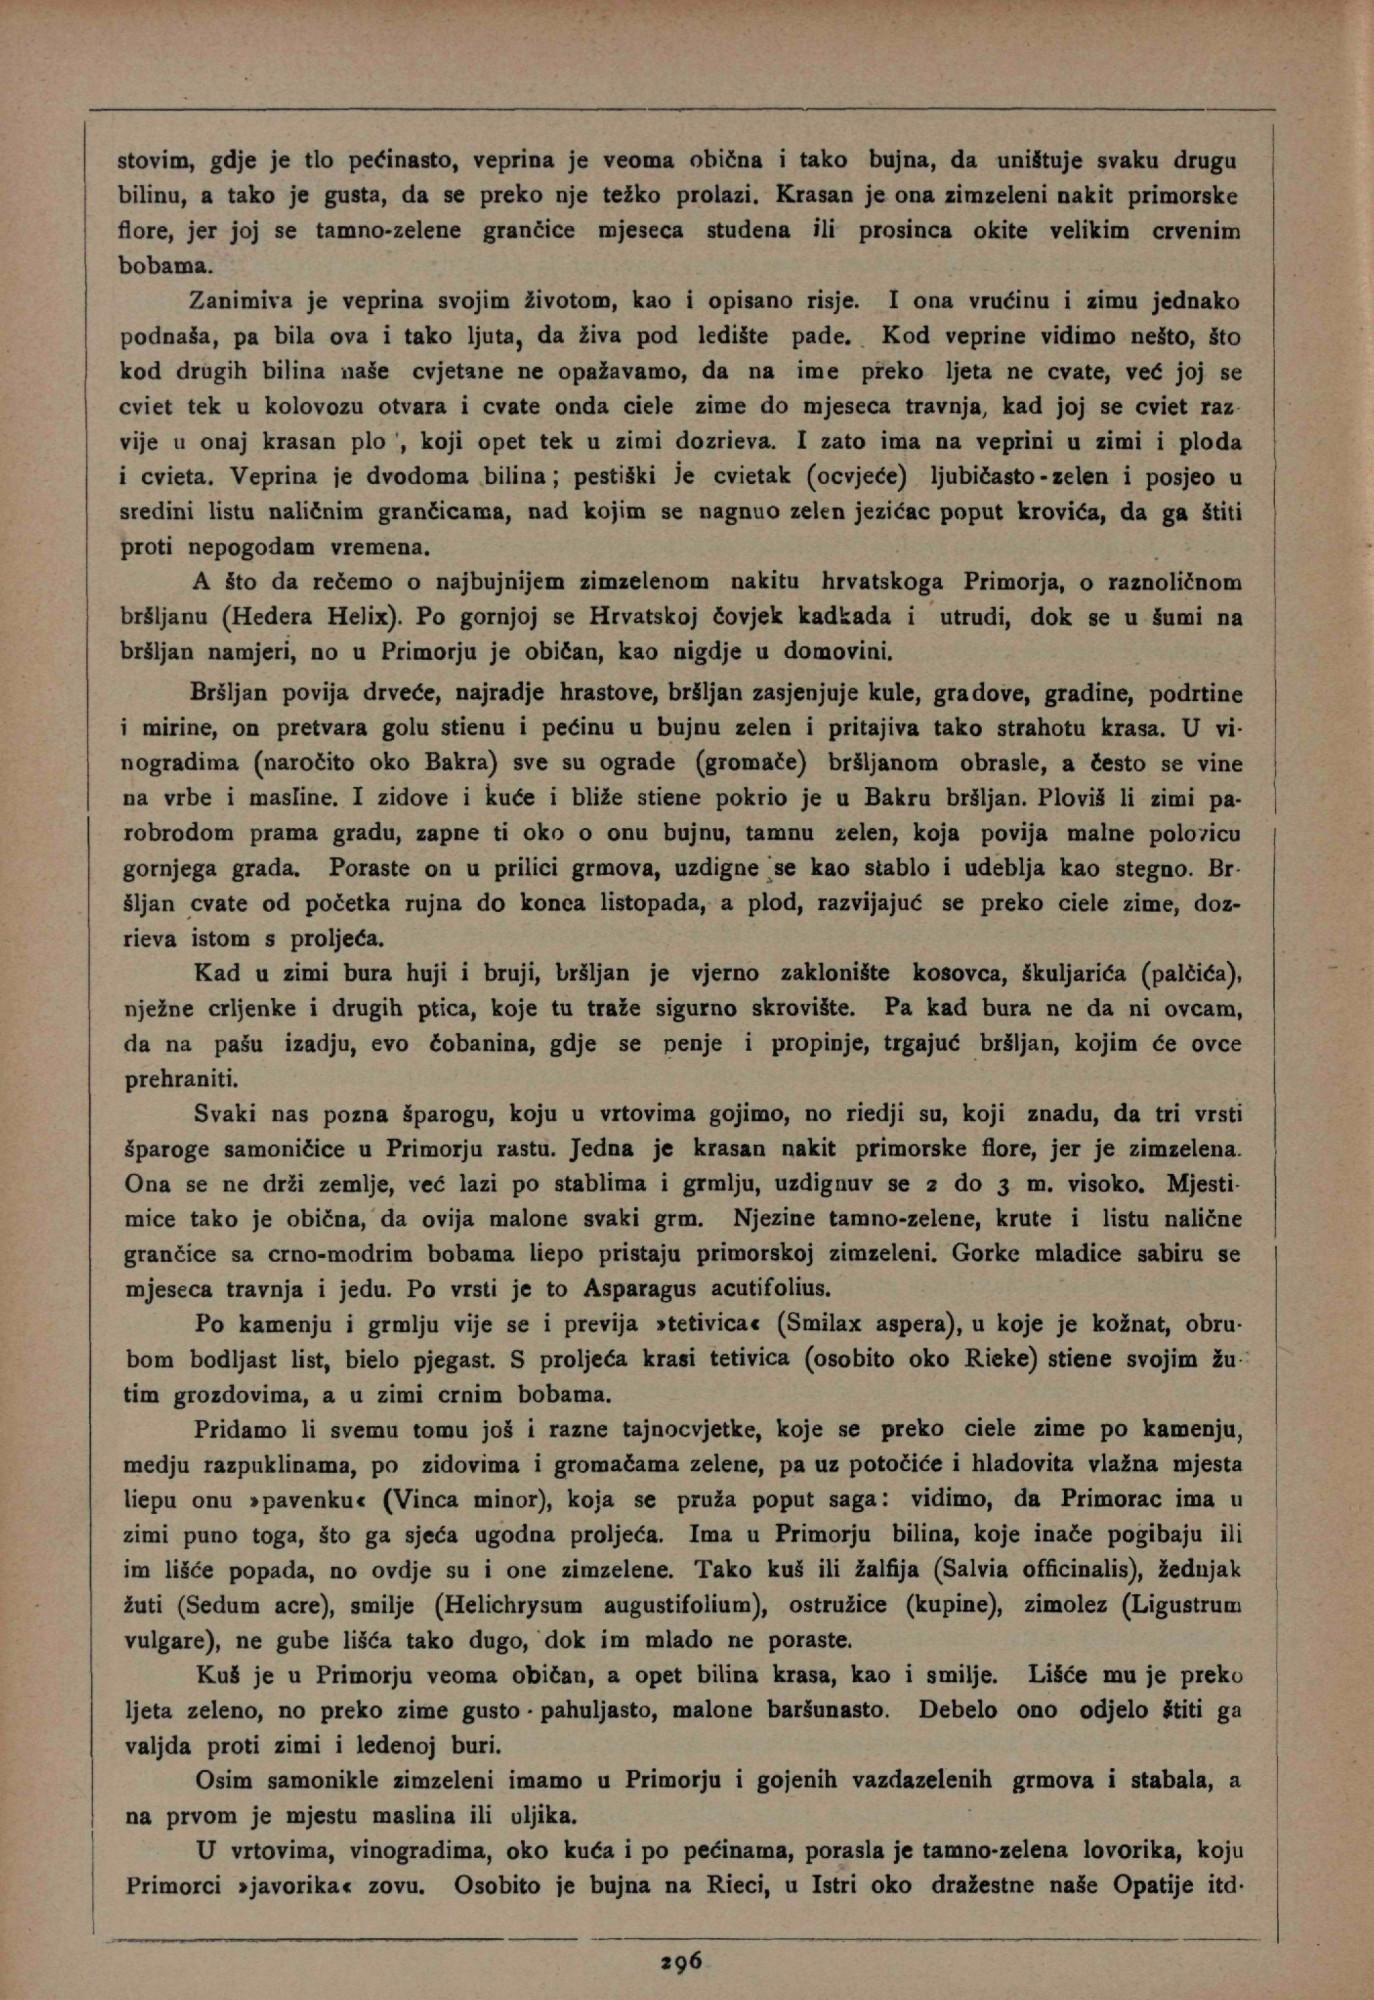 Hrvatsko Primorje Slike Opisi I Putopisi Napisao